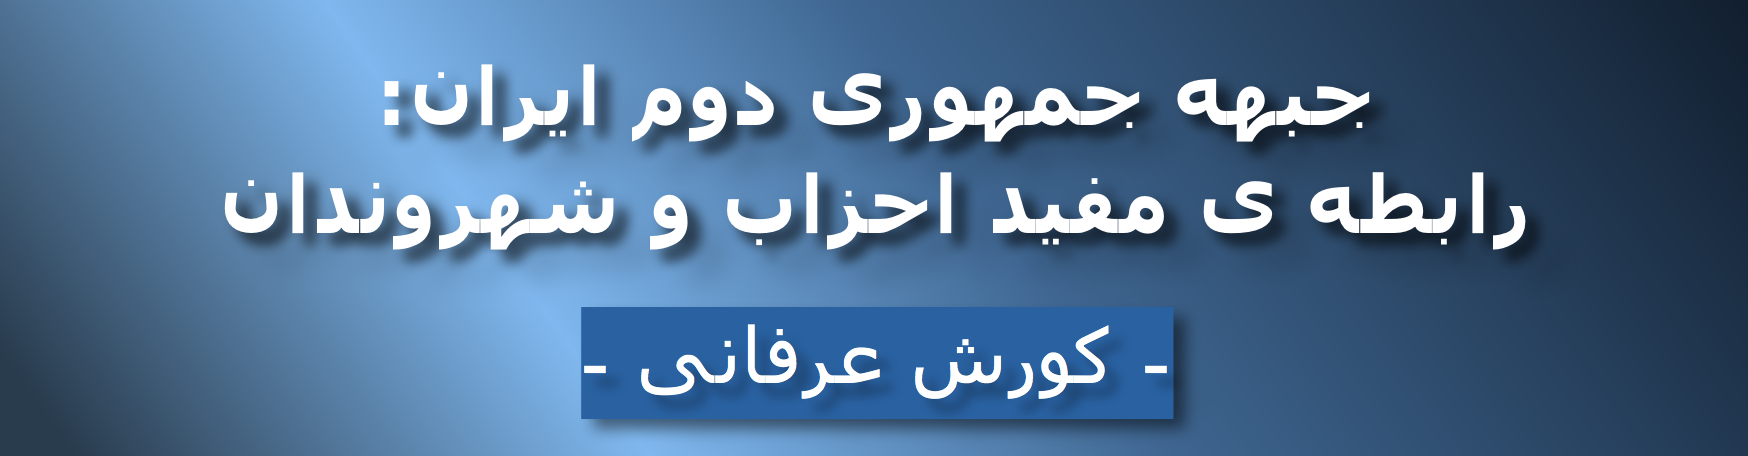 جبهه جمهوری دوم ایران: رابطه ی مفید احزاب و شهروندان – کورش عرفانی